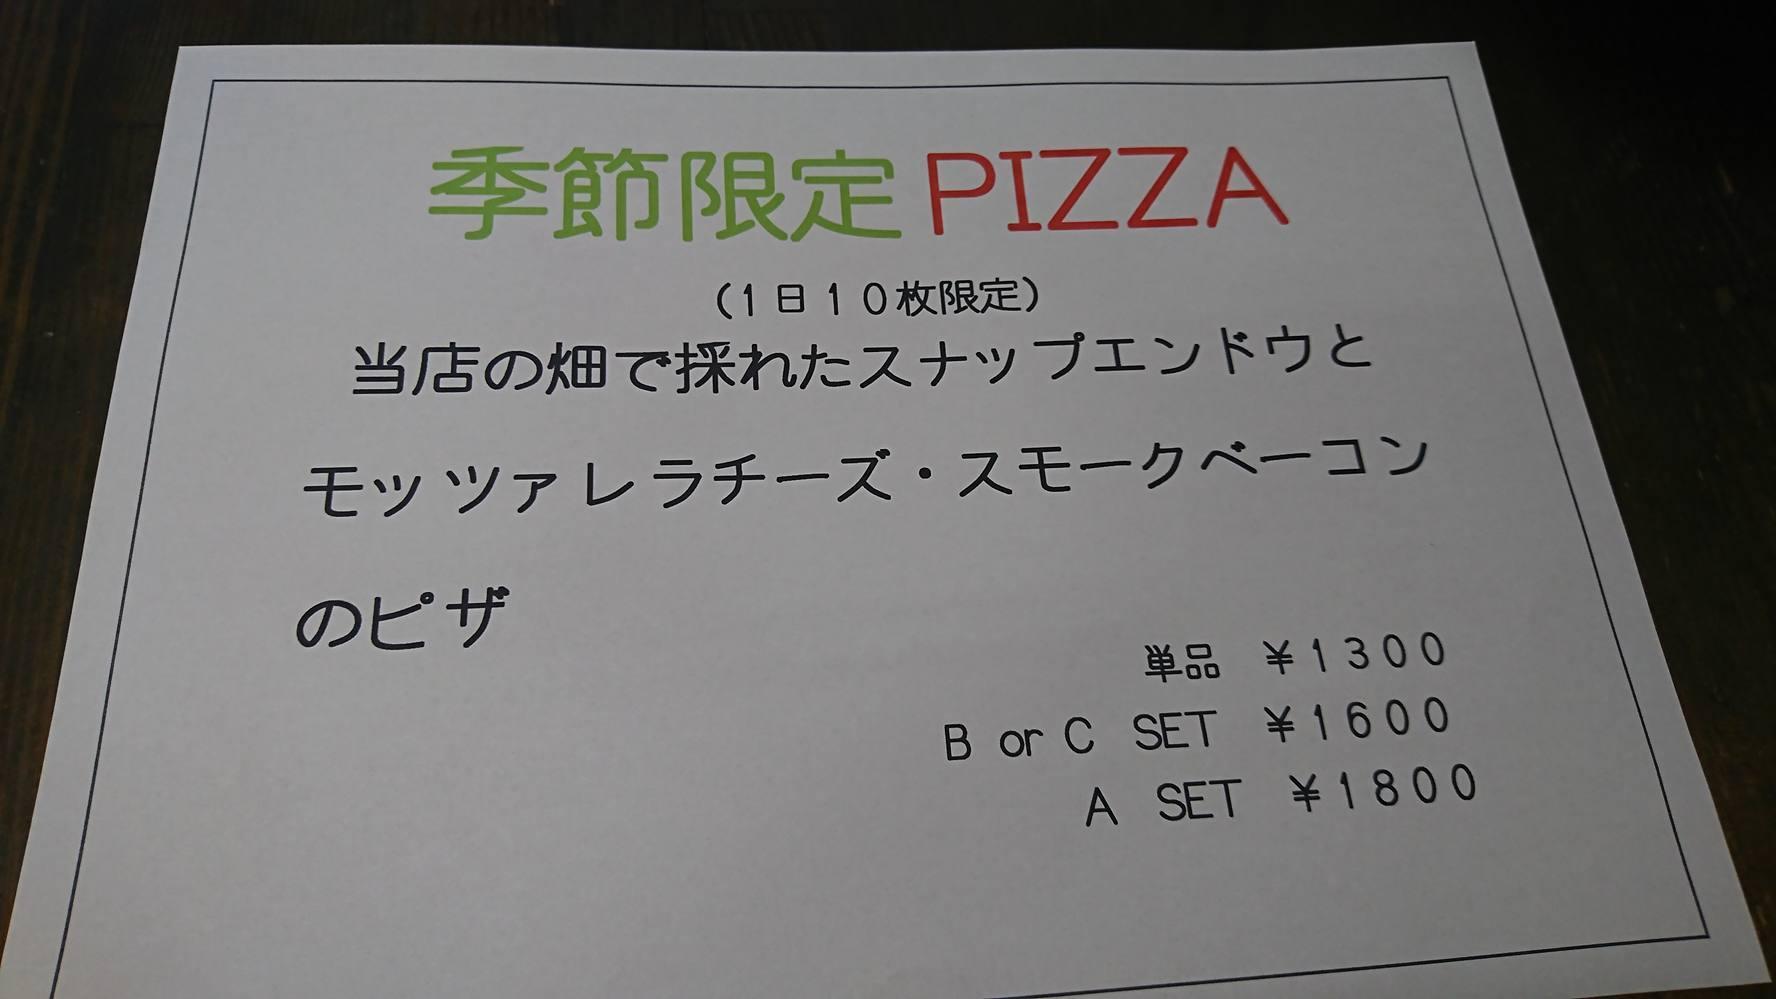 2018年ゴールデンウィークのお知らせ、季節限定ピザ開始&あまおうなま苺のかき氷解禁_a0125419_05542257.jpg